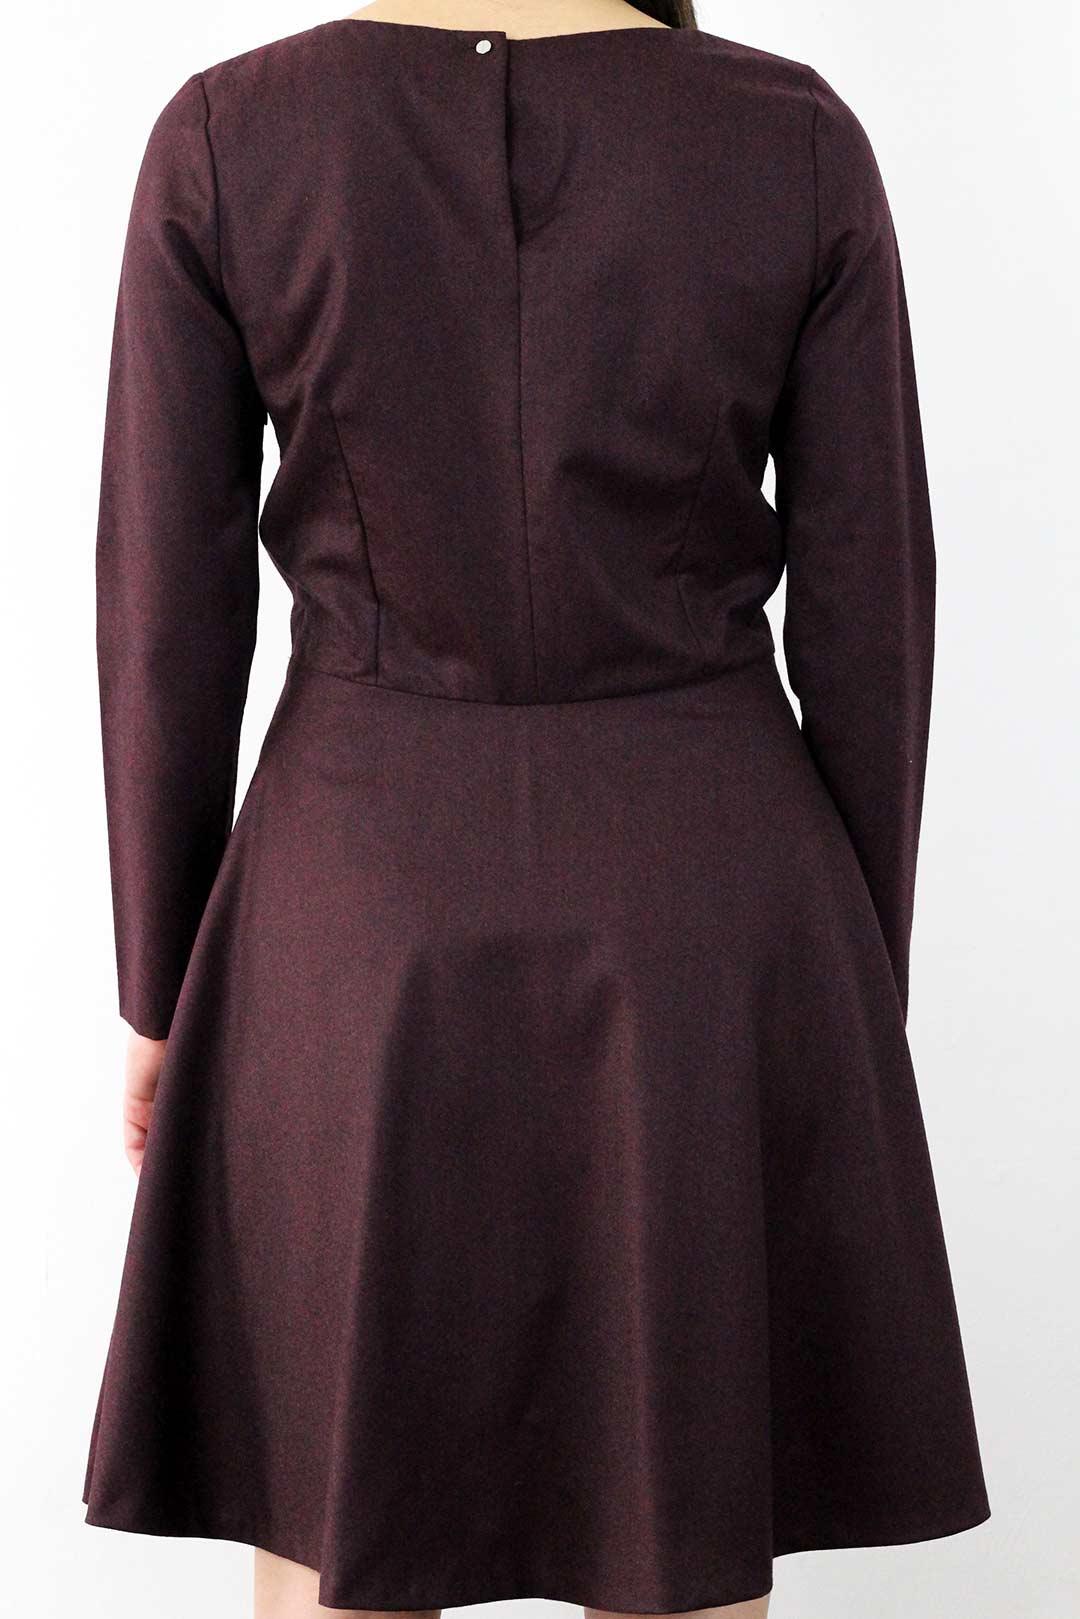 robe en laine bordeaux